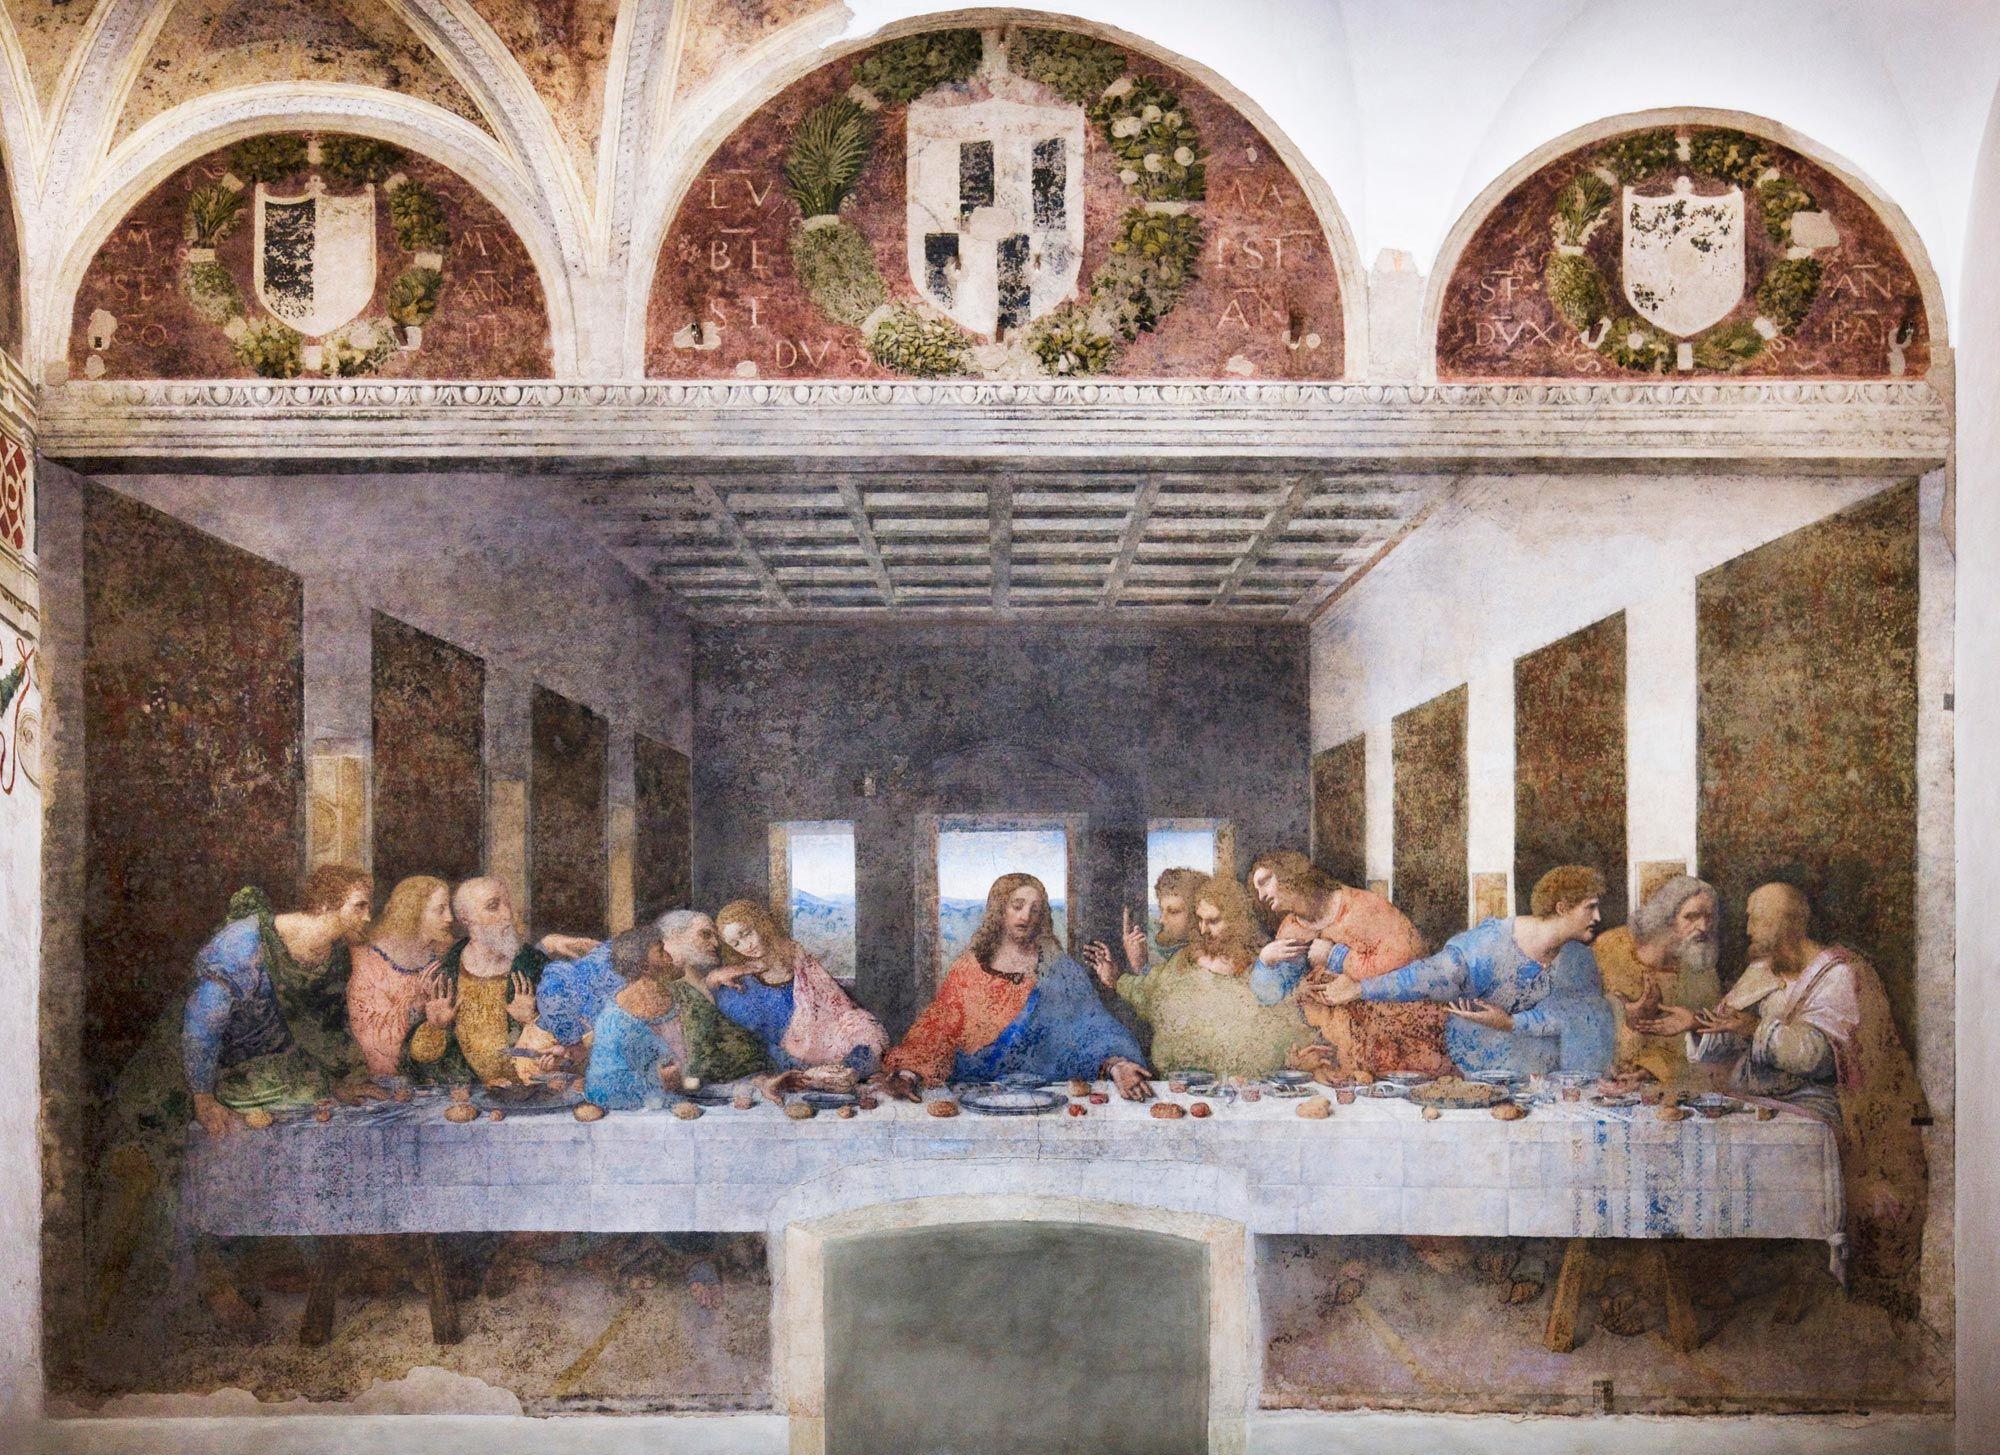 The Last Supper Cenacolo Www Themilanpass Com La Ultima Cena Arte Renacentista Leonardo Da Vinci